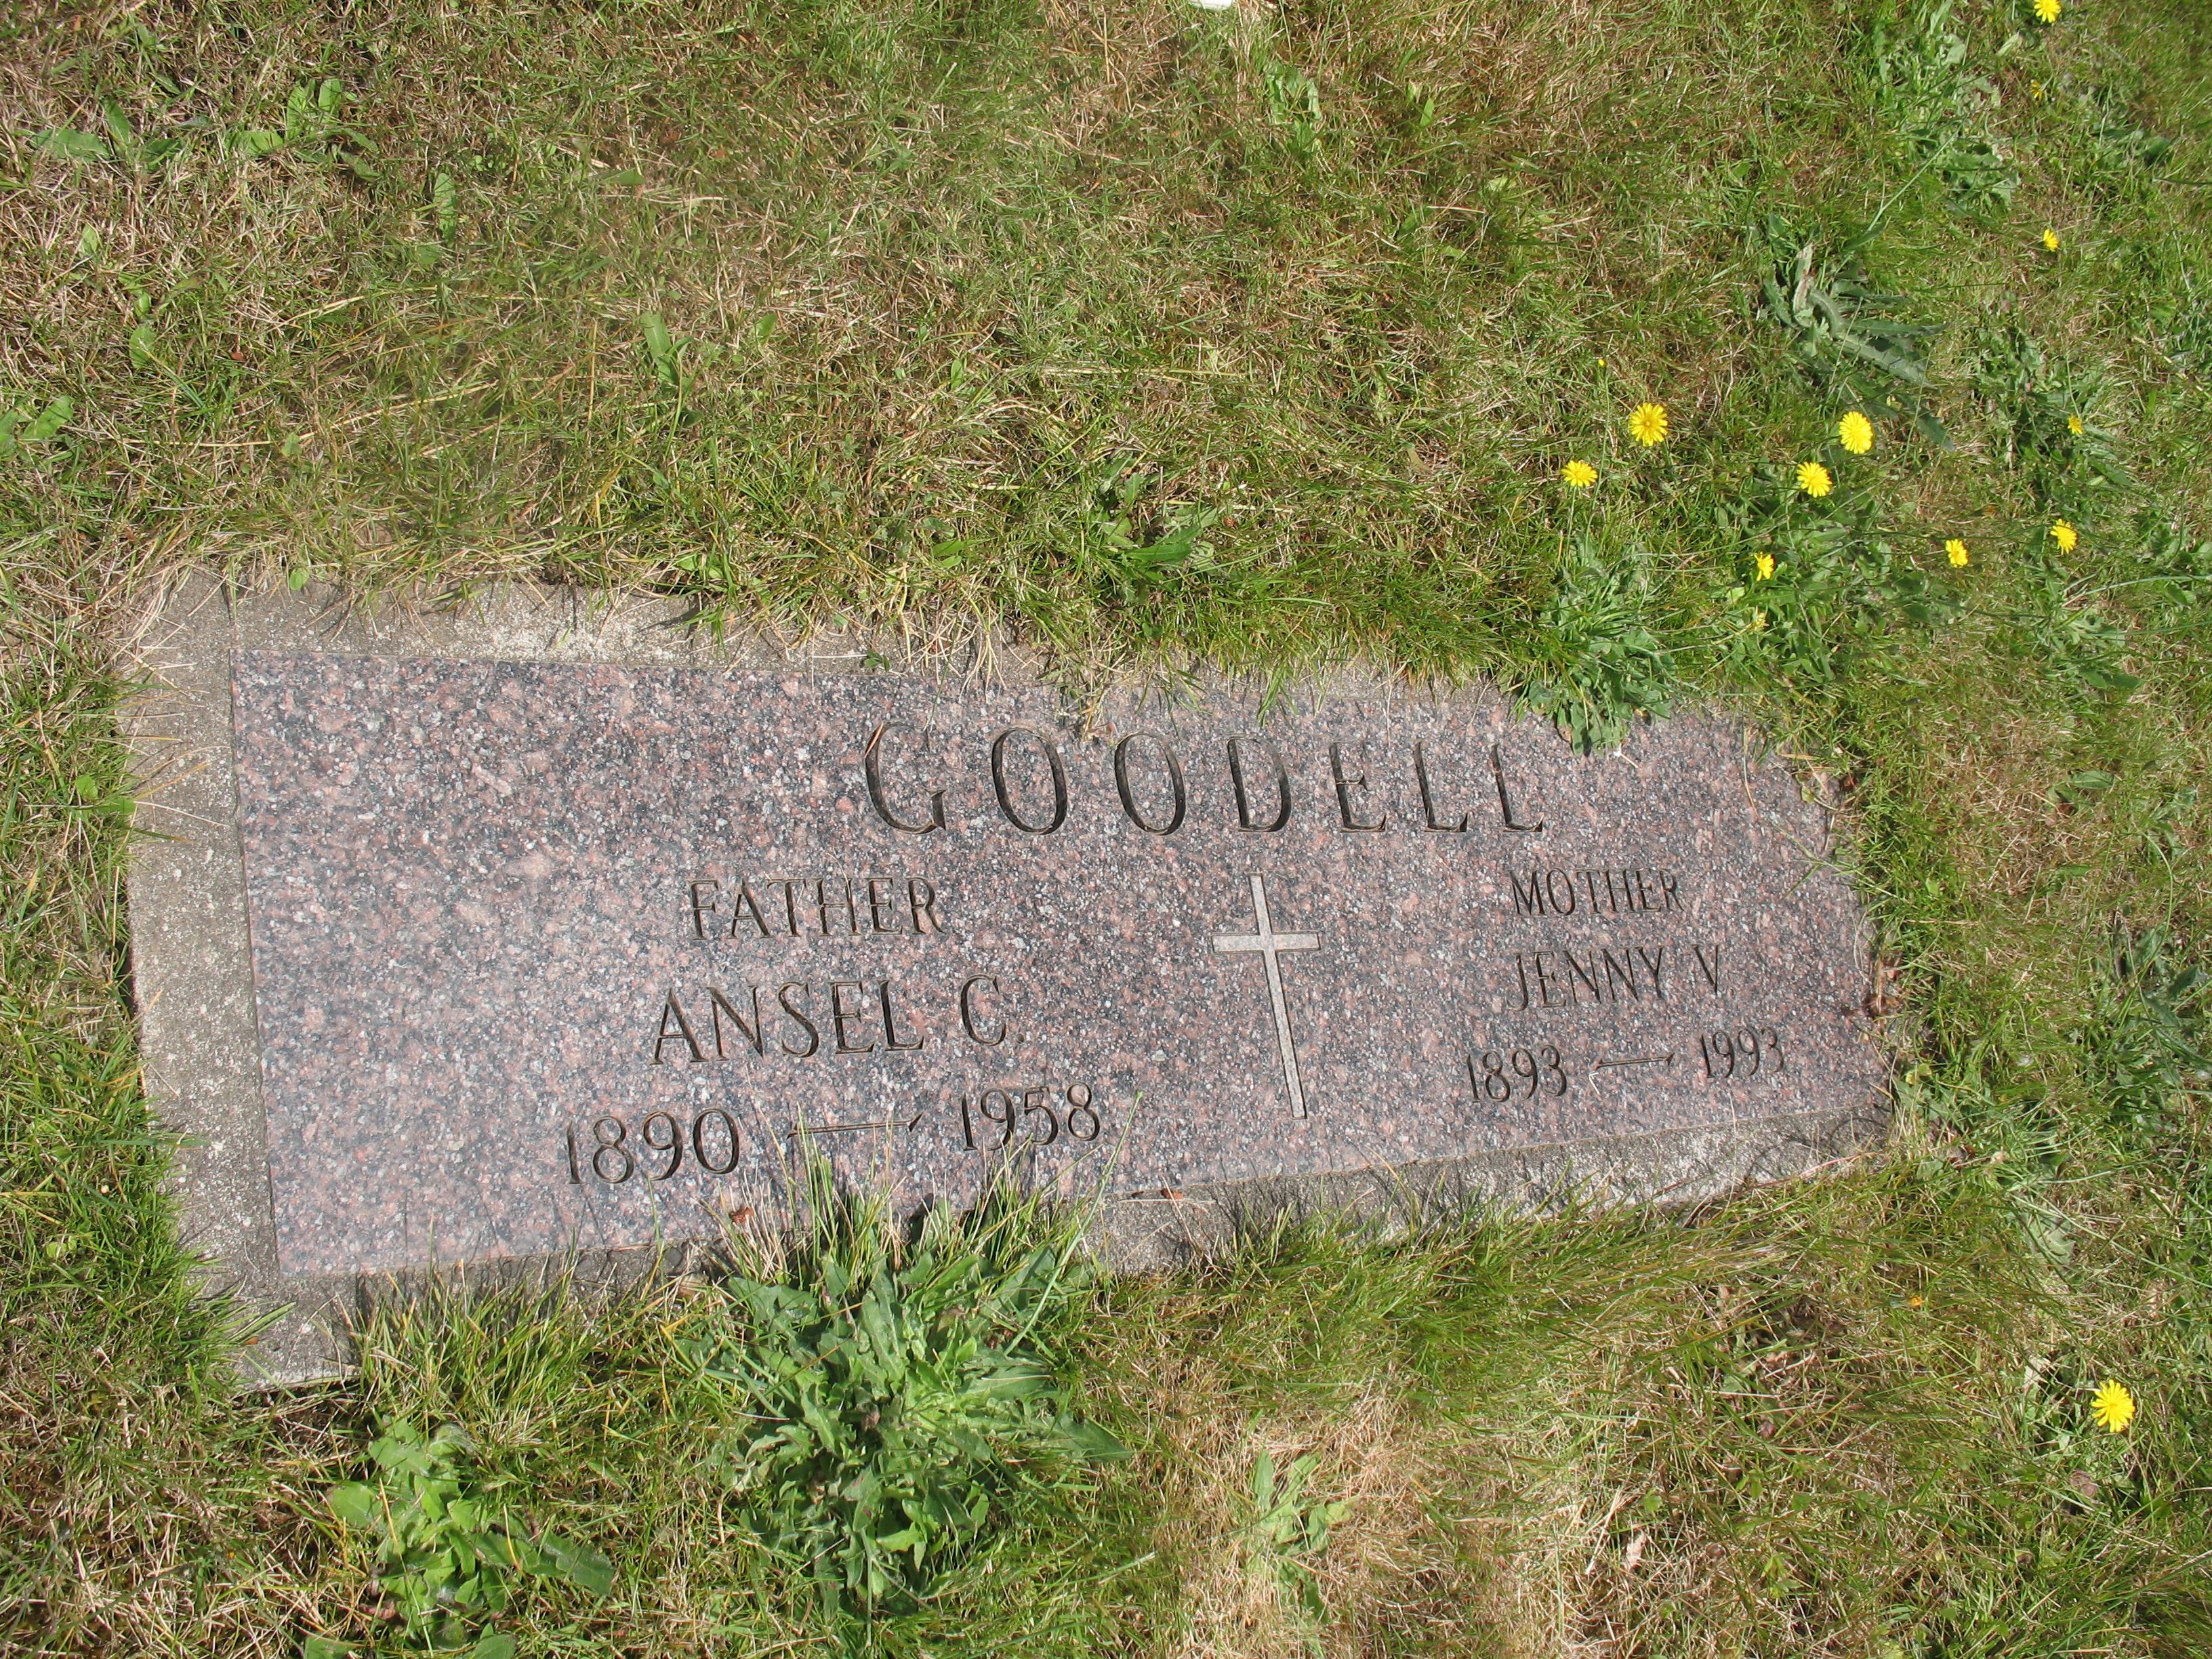 Charles Goodell